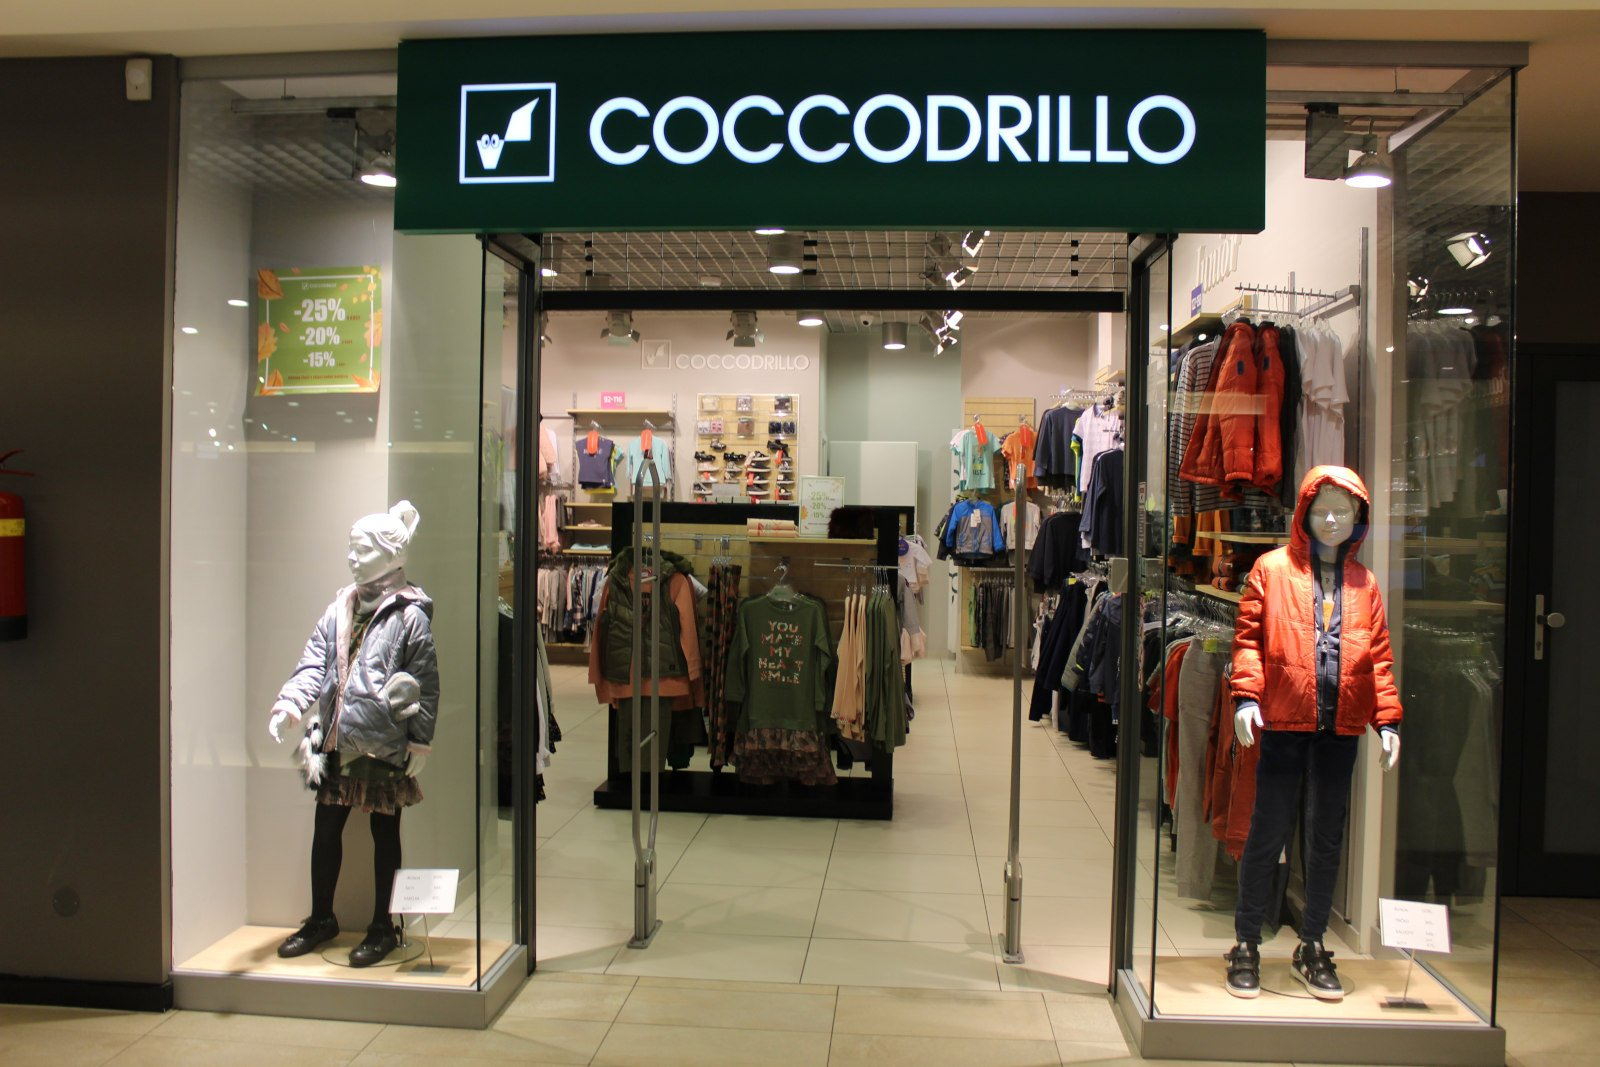 cd9fbafe1fce Coccodrillo - Franchising.cz - franšíza a vlastní firma